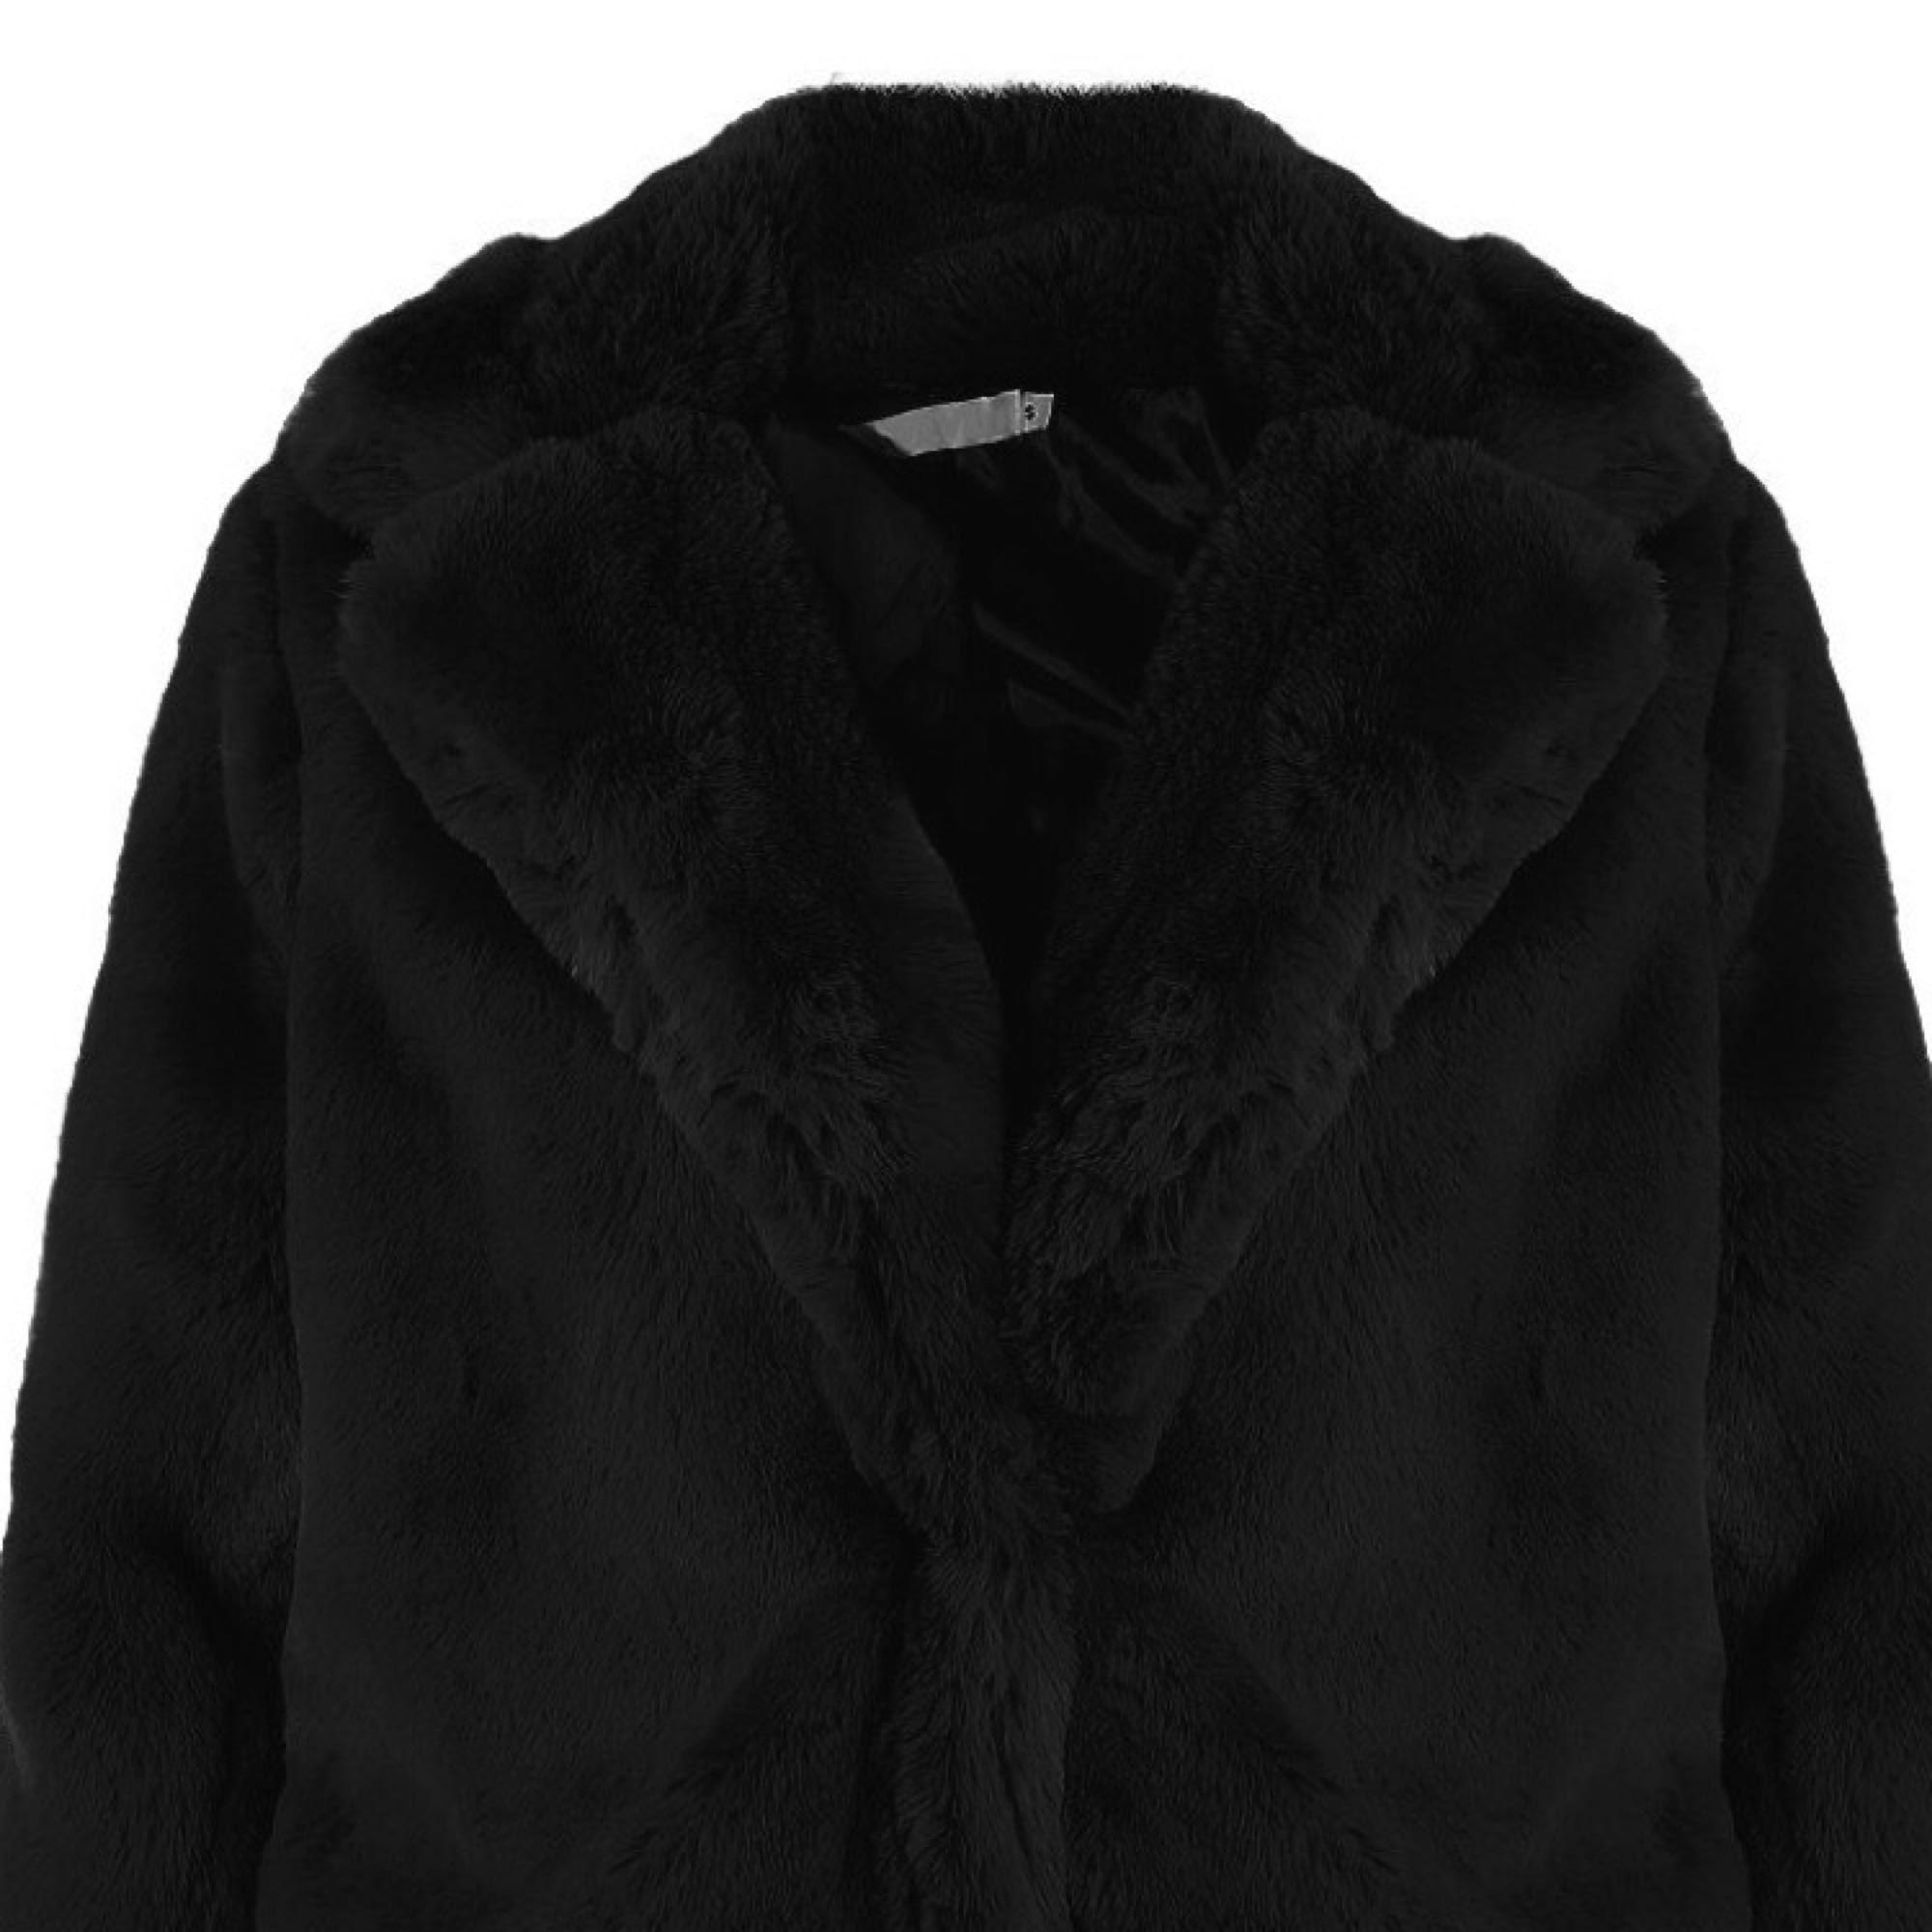 Söker efter denna Teddy-jacka från jfr eller liknande! Om någon har den köper jag gärna. Jackor.